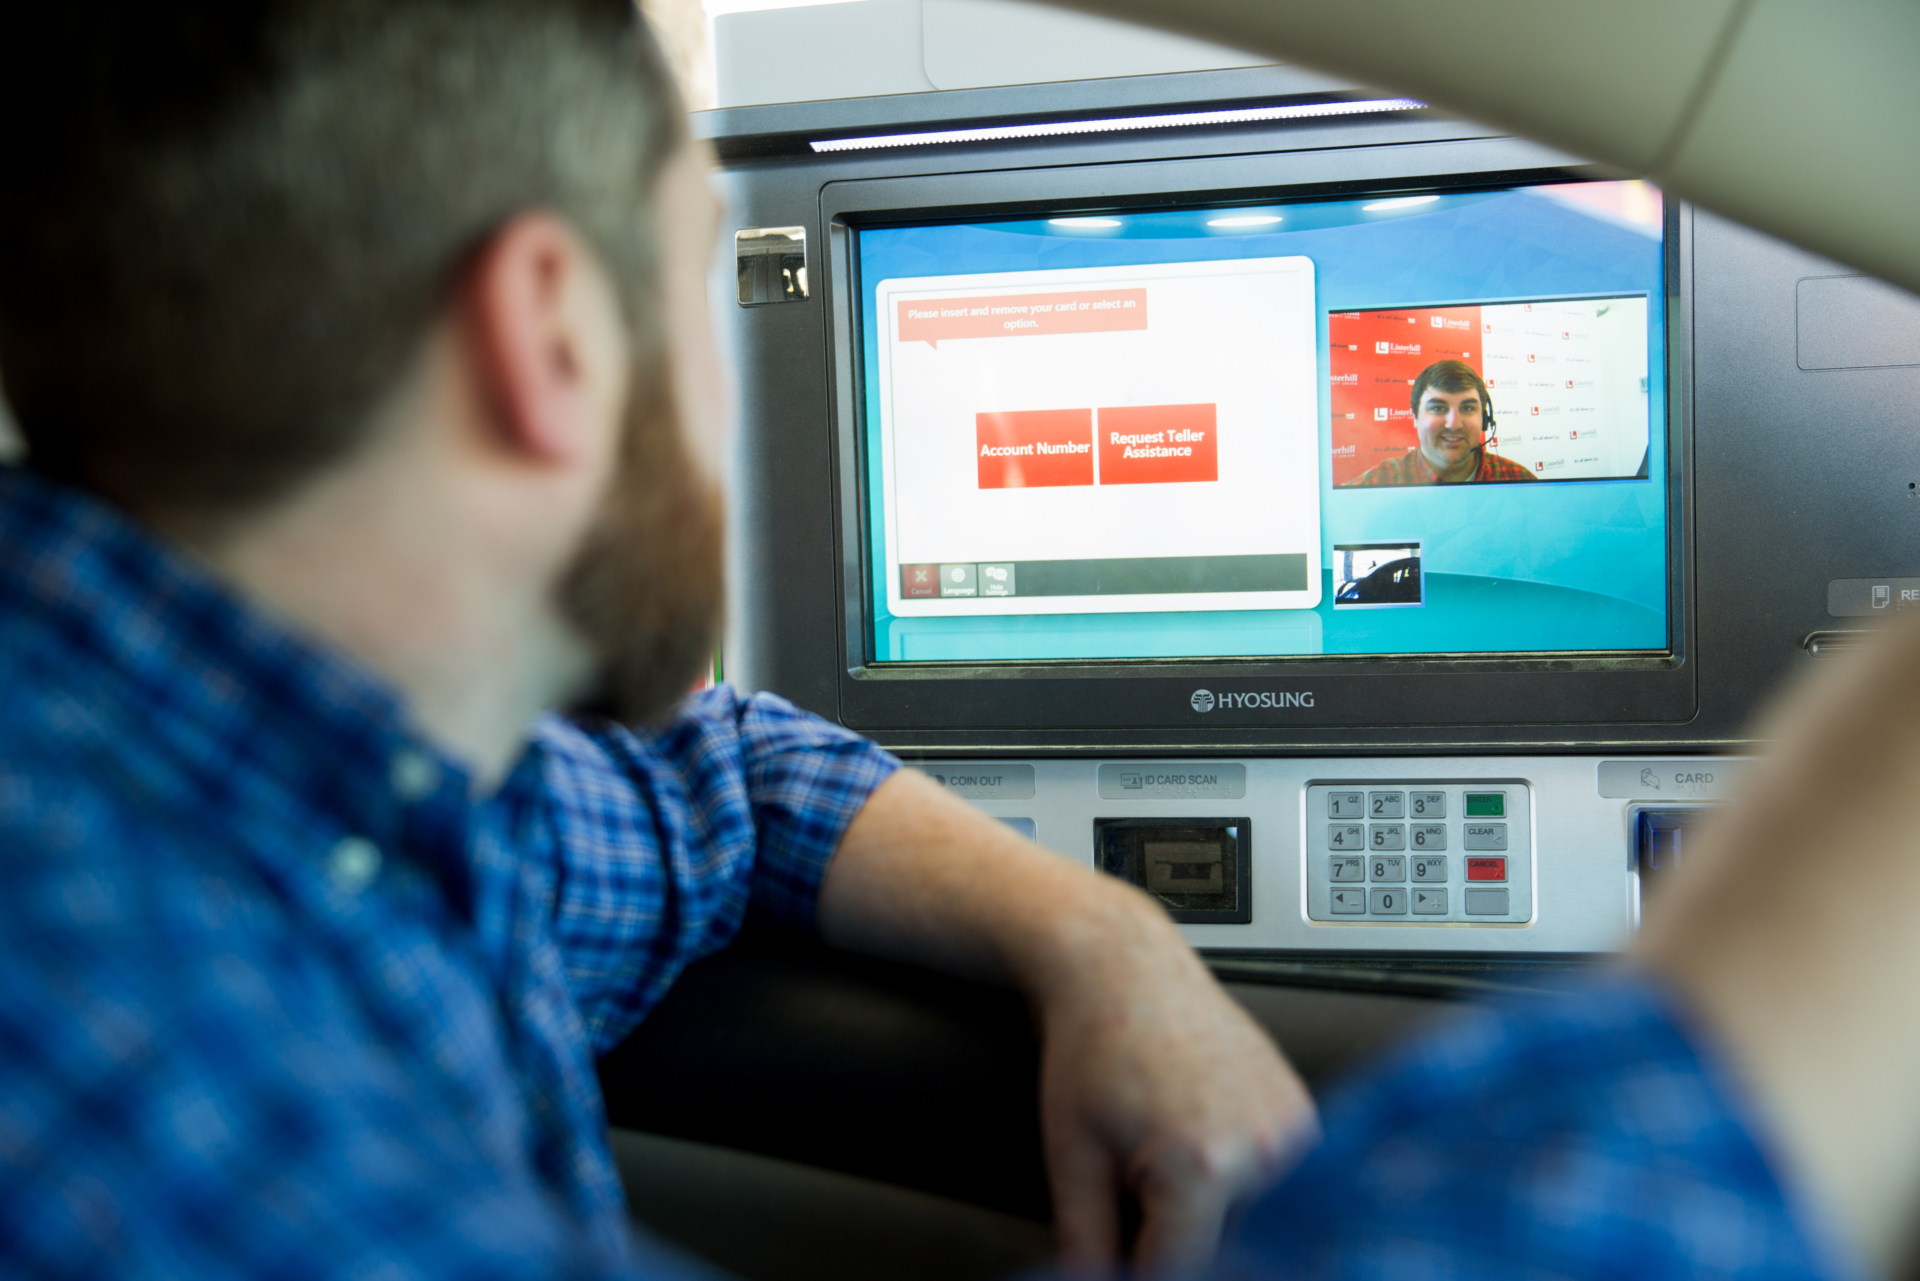 Drive-Thru-Smart-ATM.jpg#asset:5592